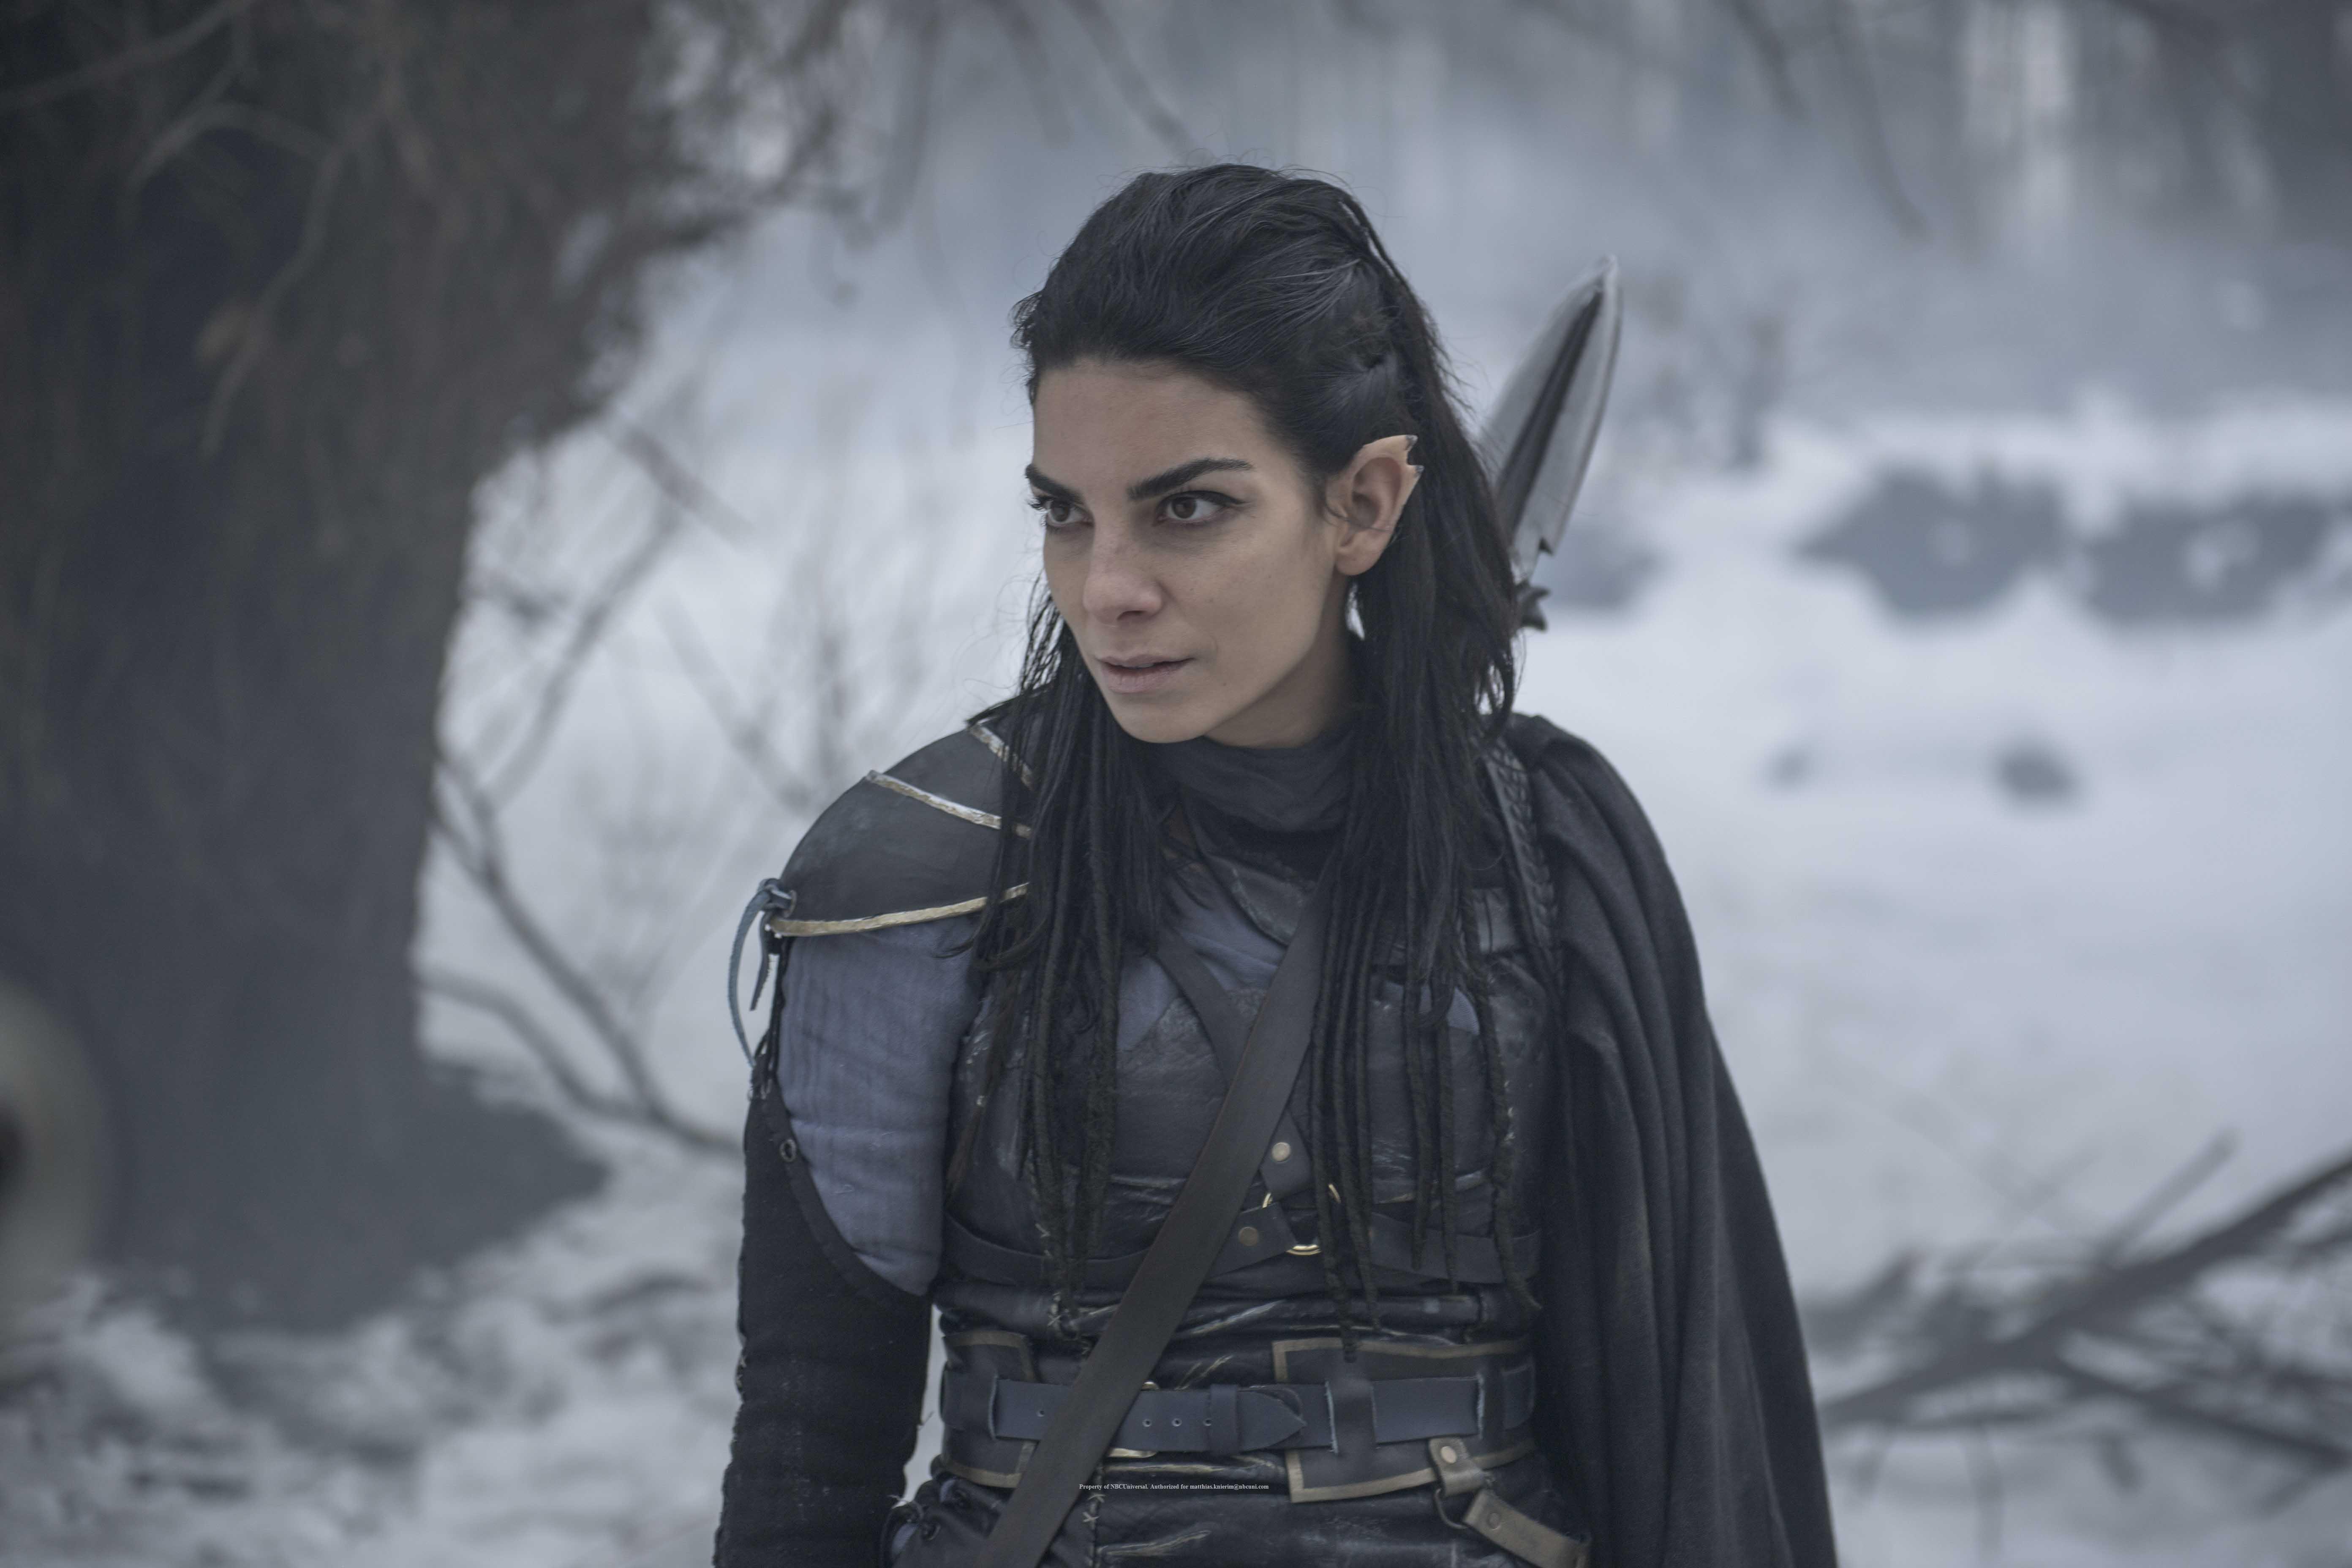 Lilli Hollunder als Fantasy Kämpferin mit Mr. Spock Ohren